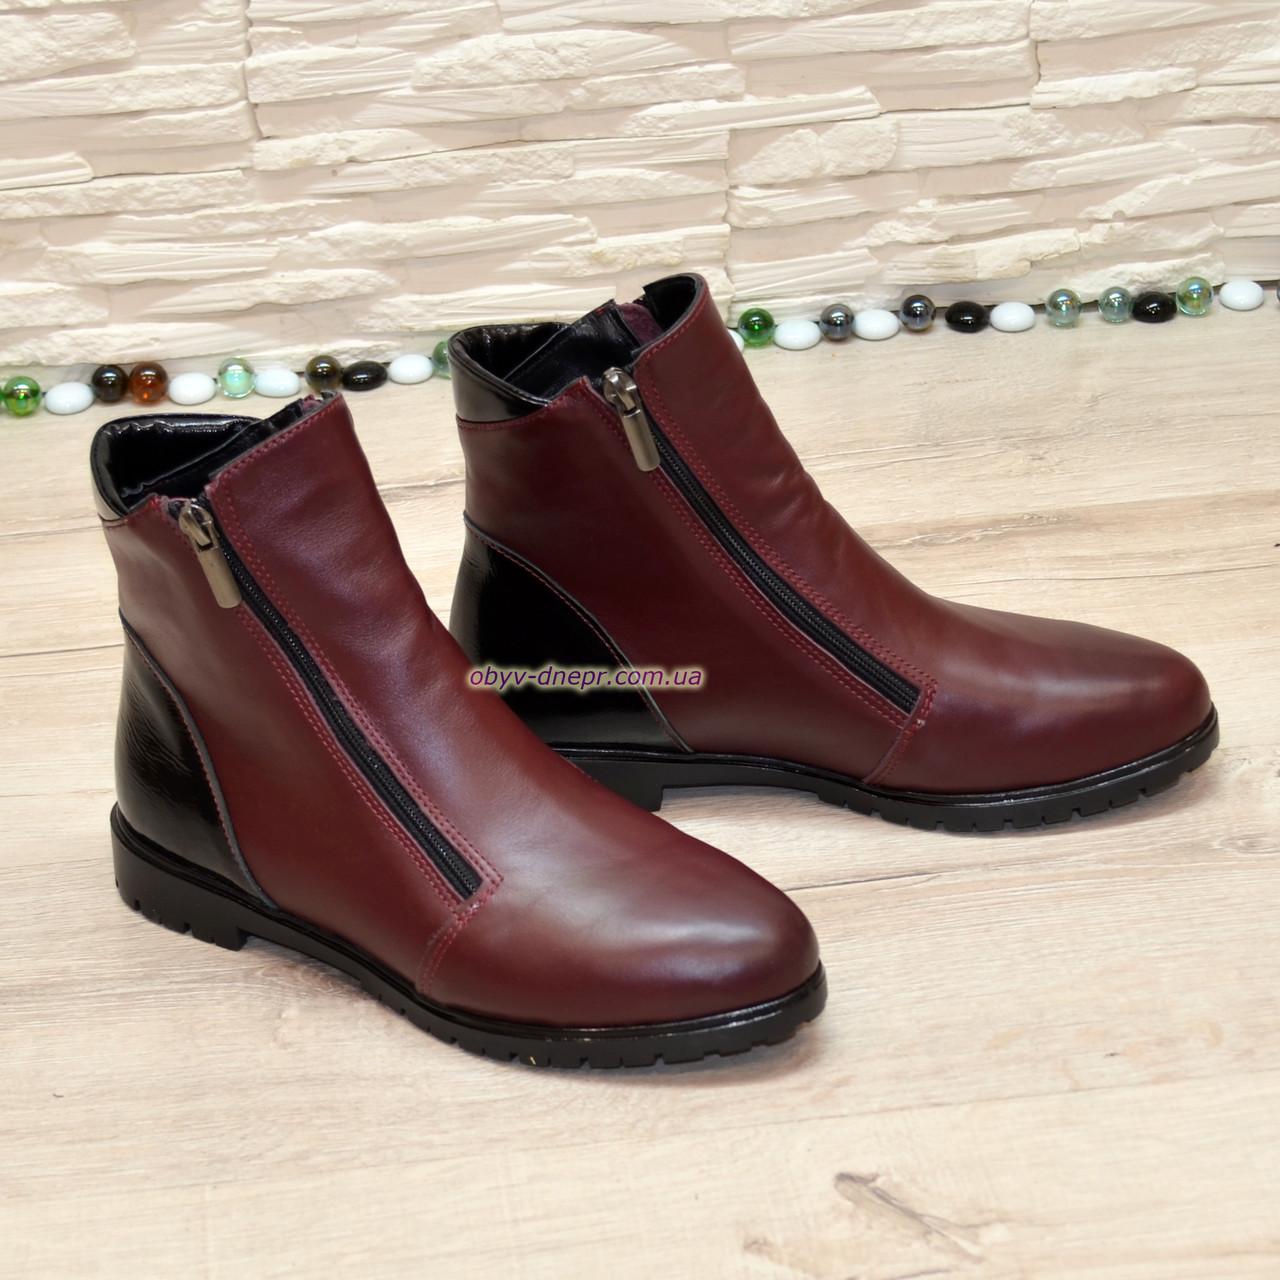 Ботинки комбинированные зимние на низком ходу, цвет бордо/черный